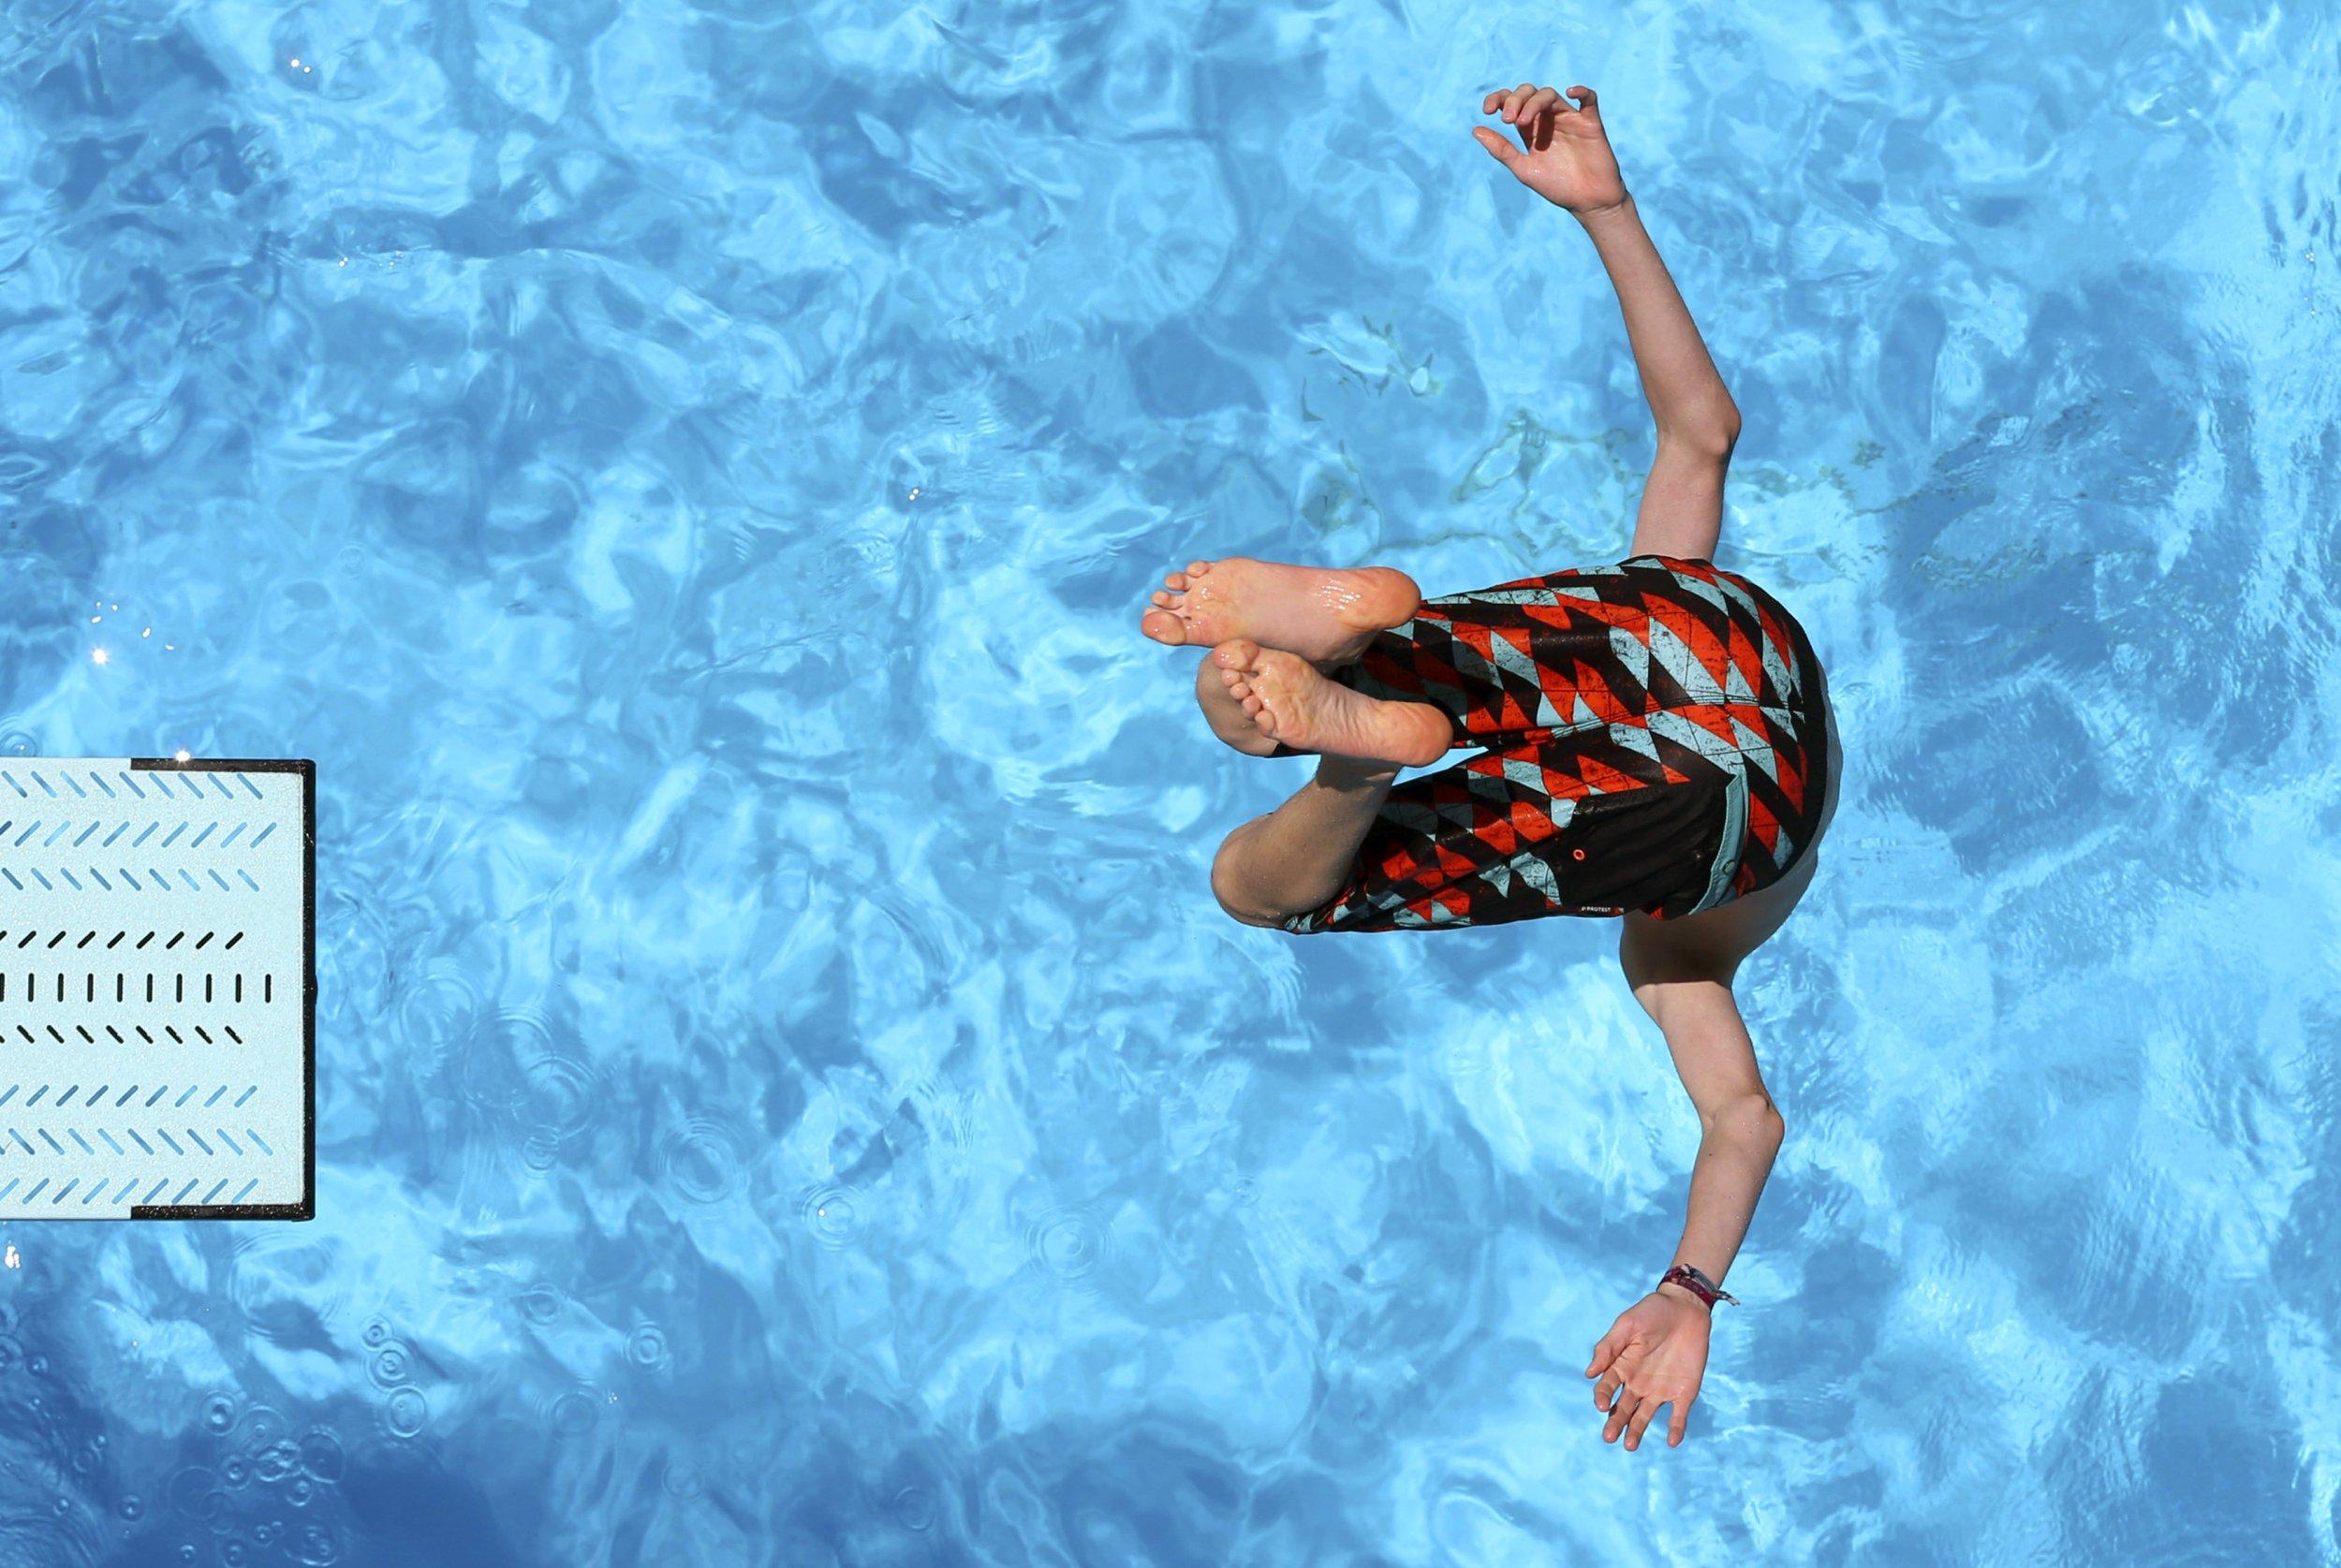 Swimming Pool Injury : E r visits make memorial day memorable in bad way